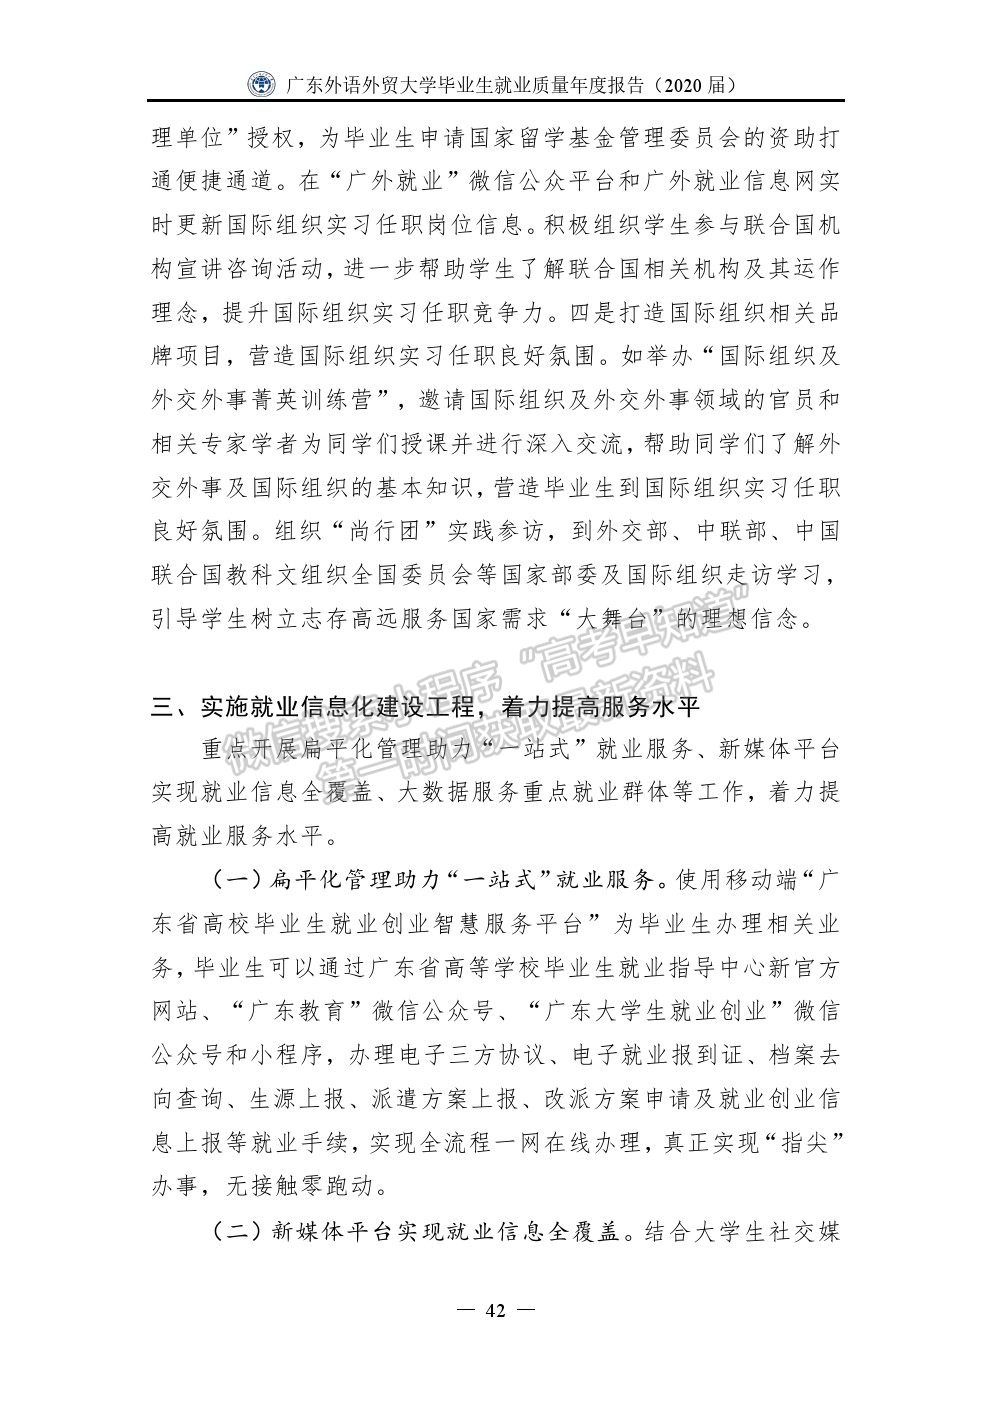 广东外语外贸大学2020届毕业生就业质量年度报告